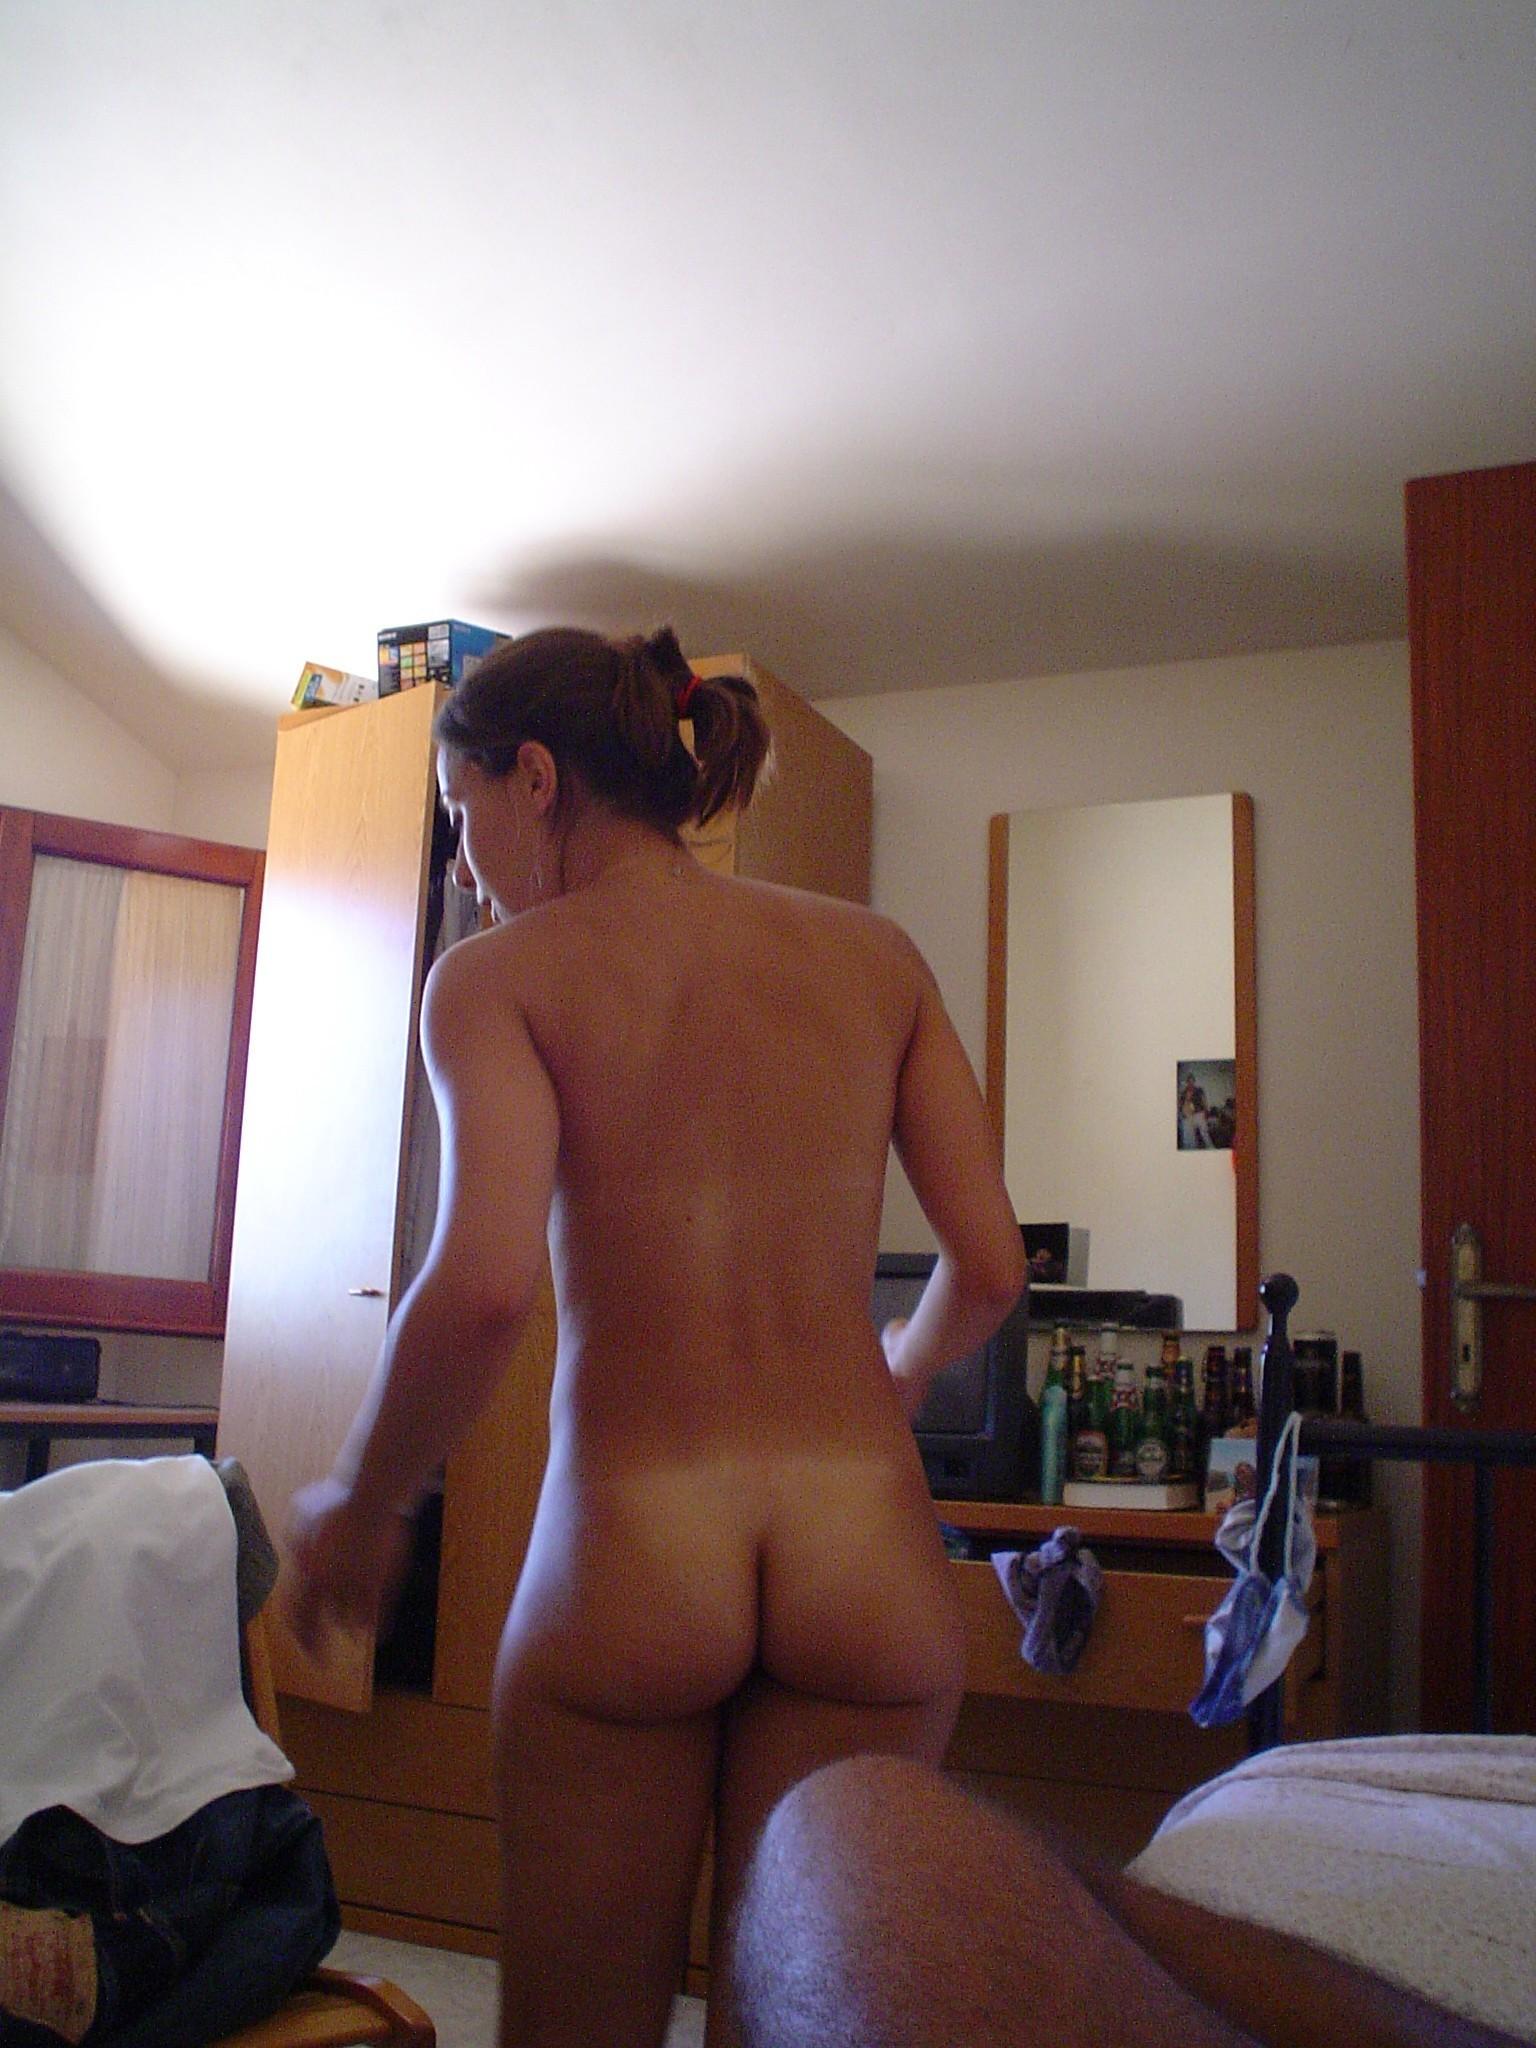 Телки с голыми титьками делают селфи у зеркала 8 фото